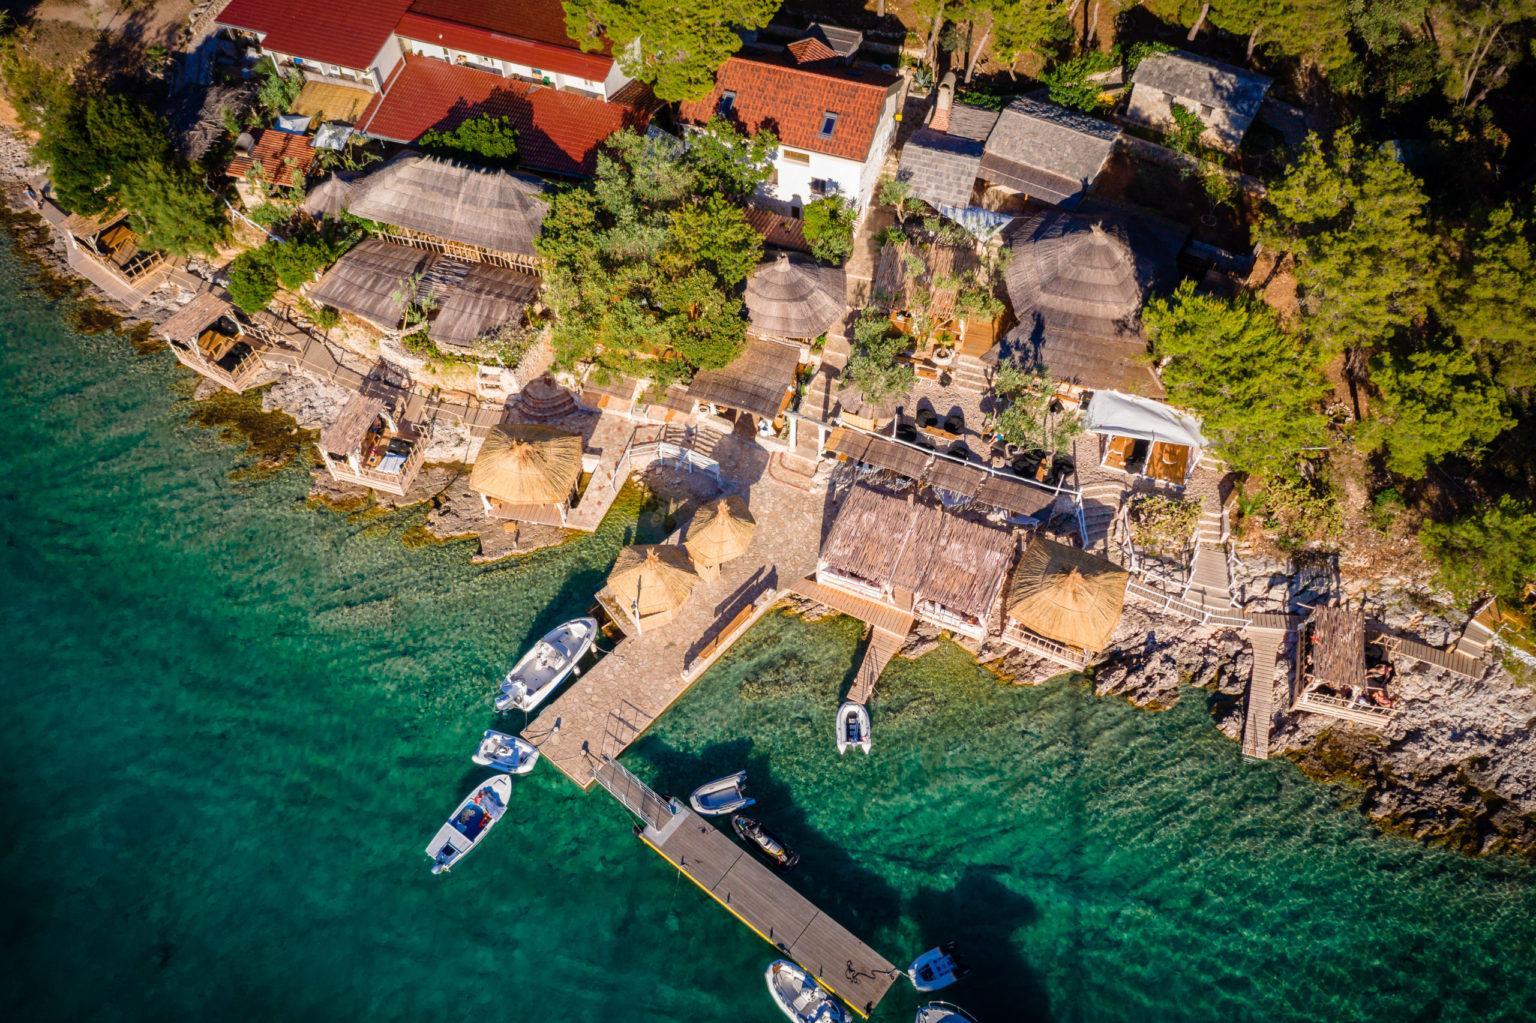 hochzeitslocation Kroatien location hochzeit heiraten 20 scaled - Highclass Beachclub